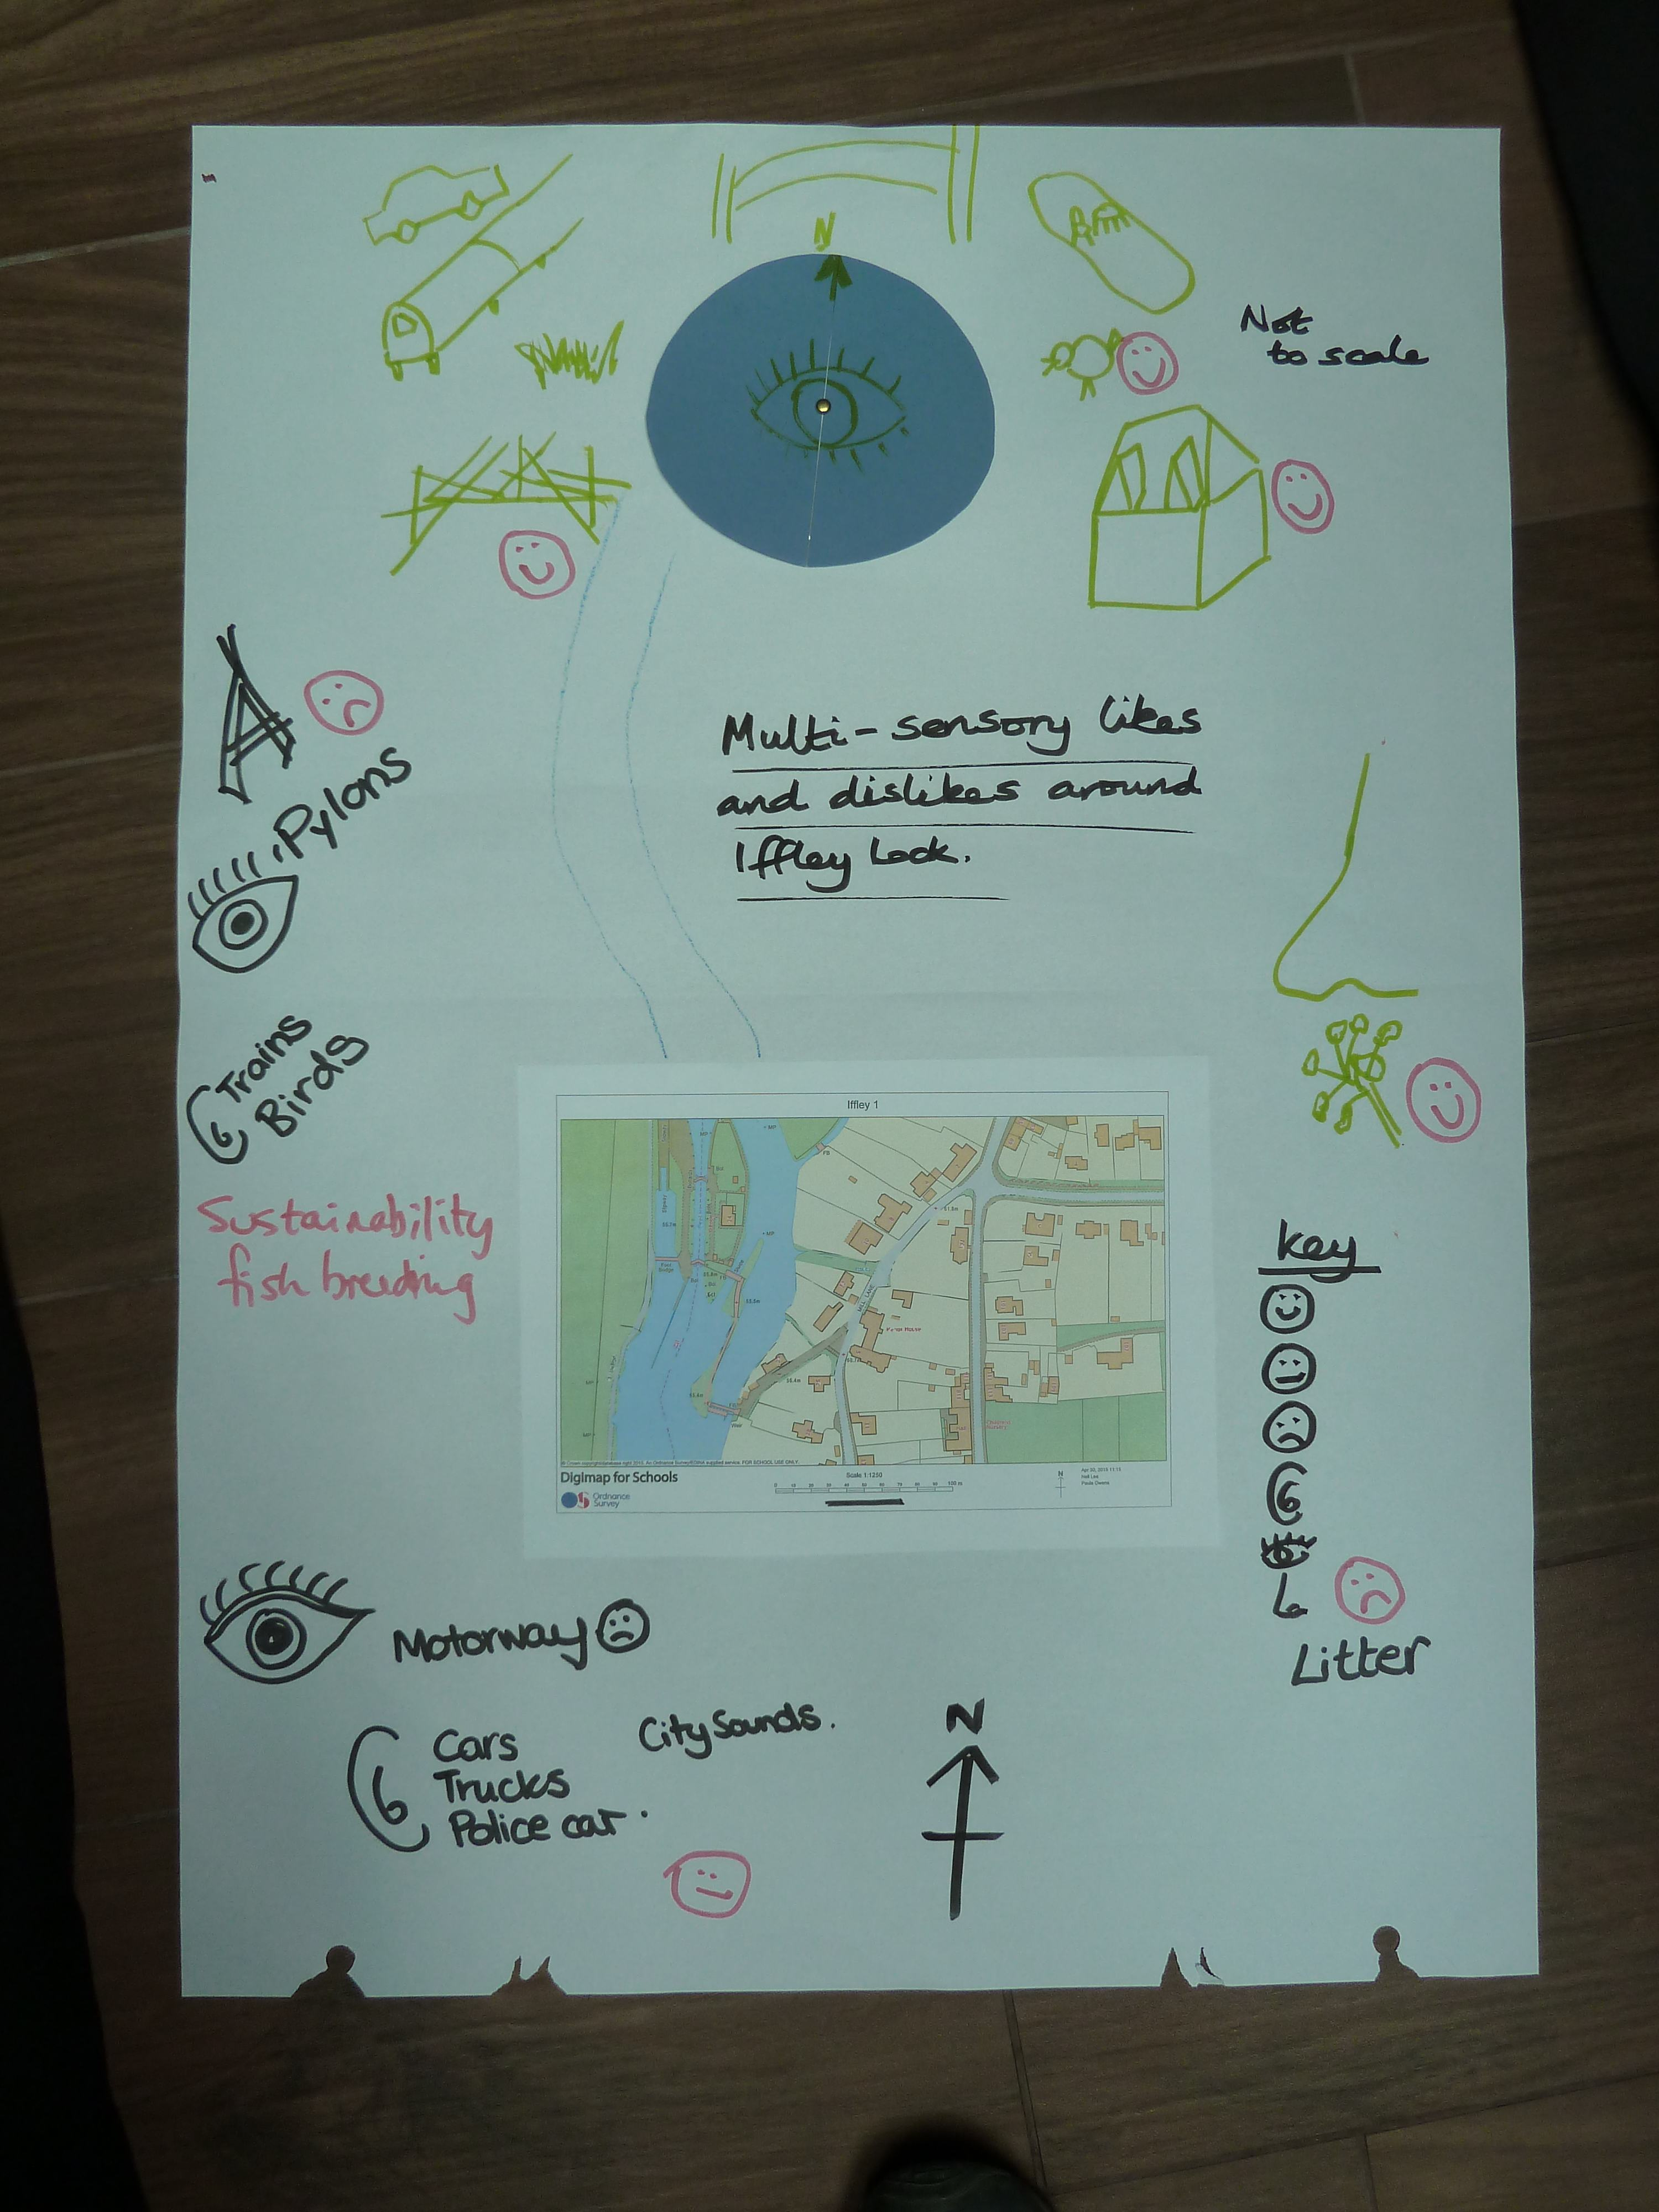 messy fieldwork (geog fieldwork)